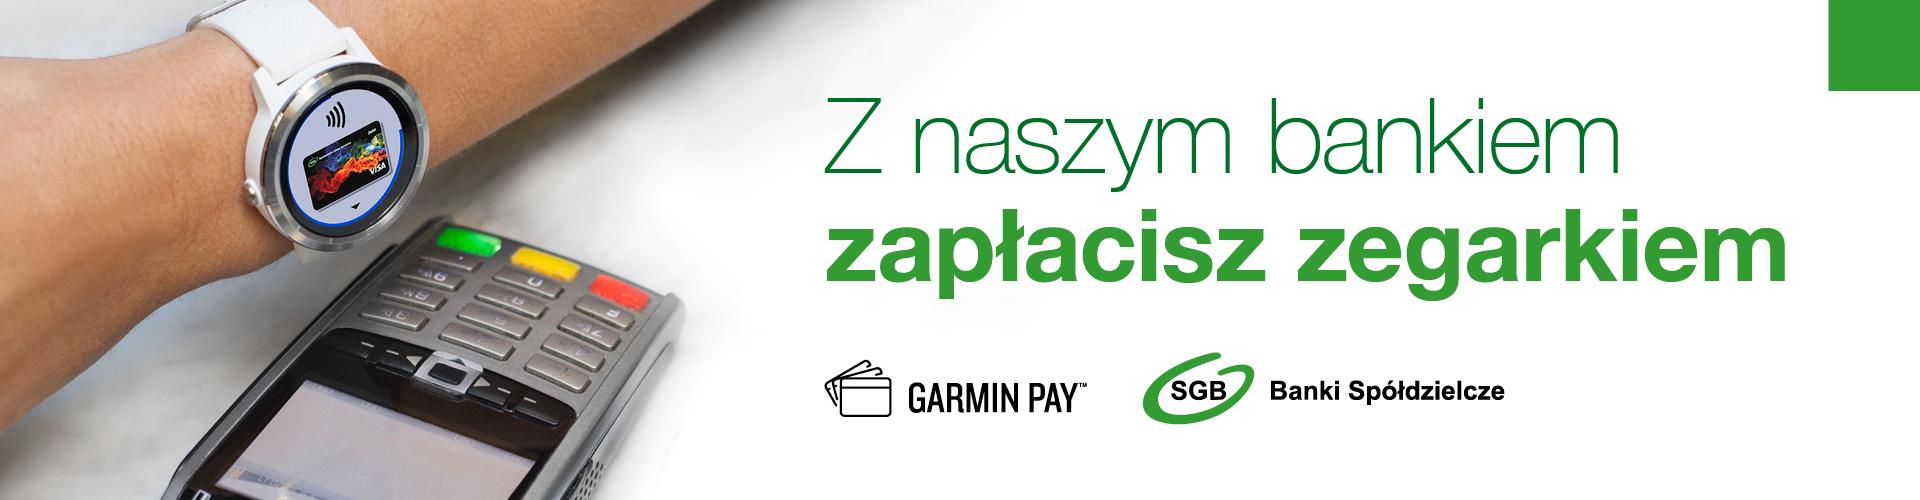 garmin_pay_SGB_1920x500